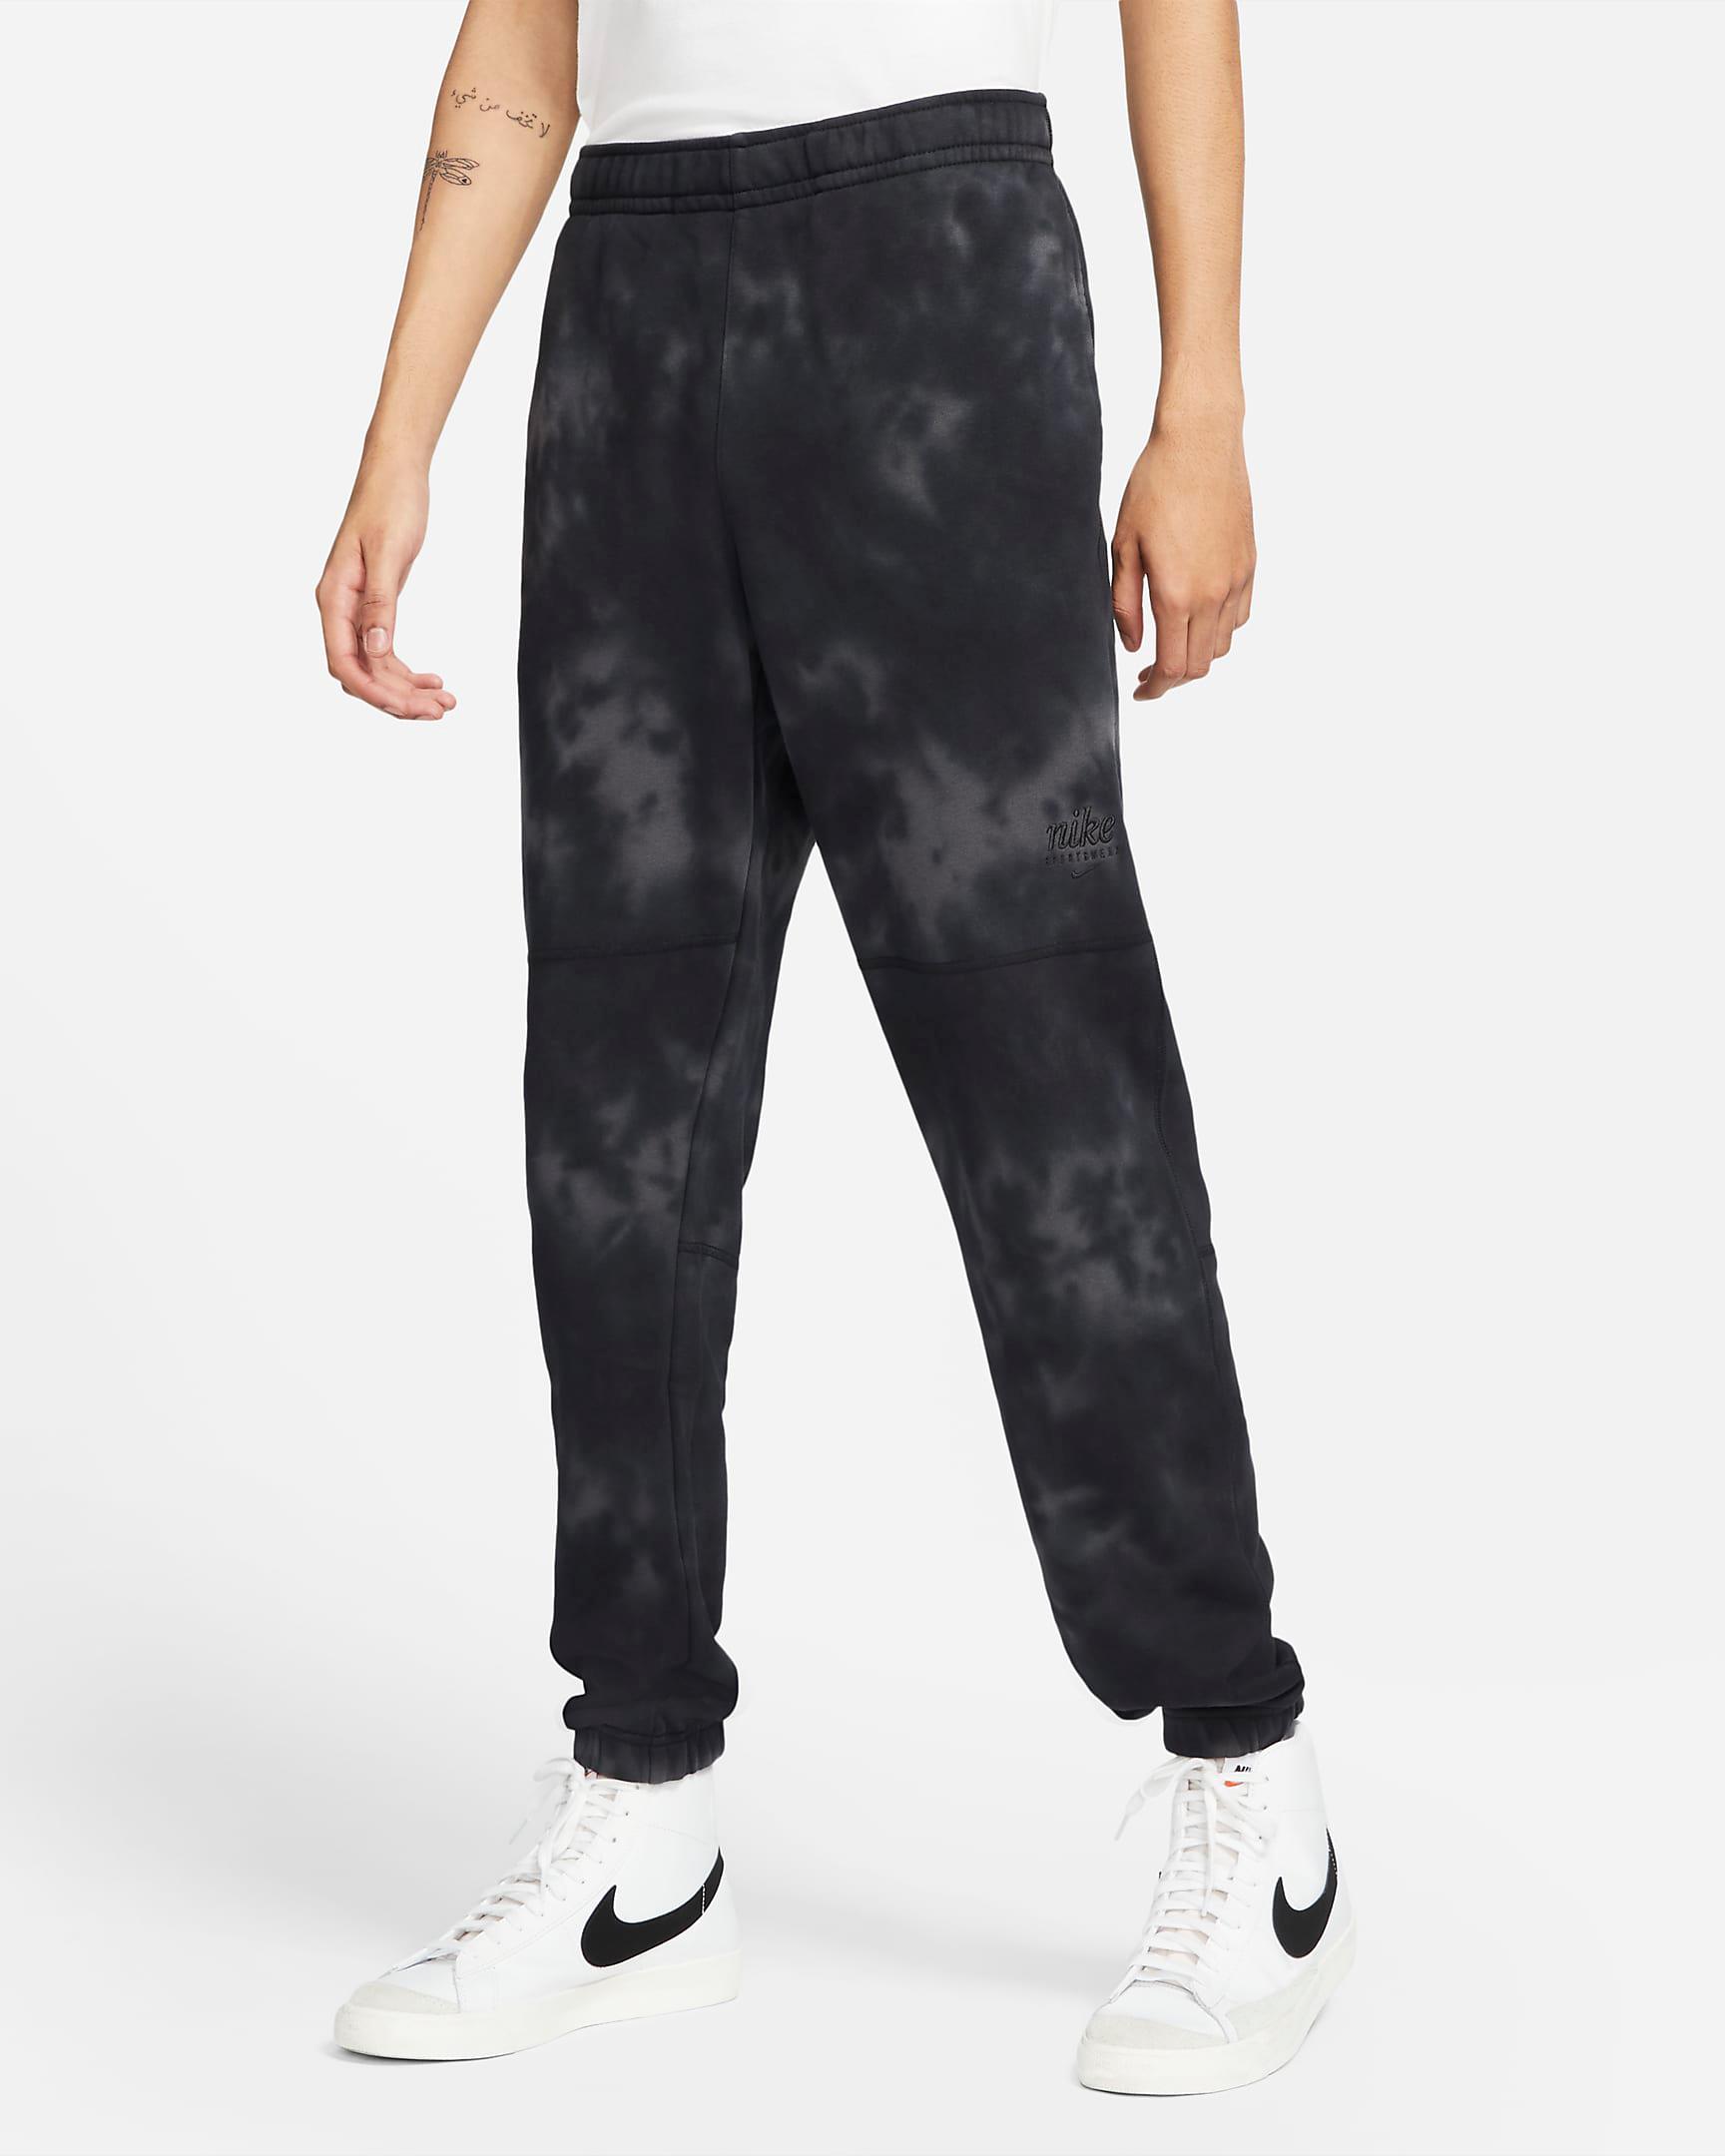 nike-club-fleece-black-tie-dye-jogger-pants-1